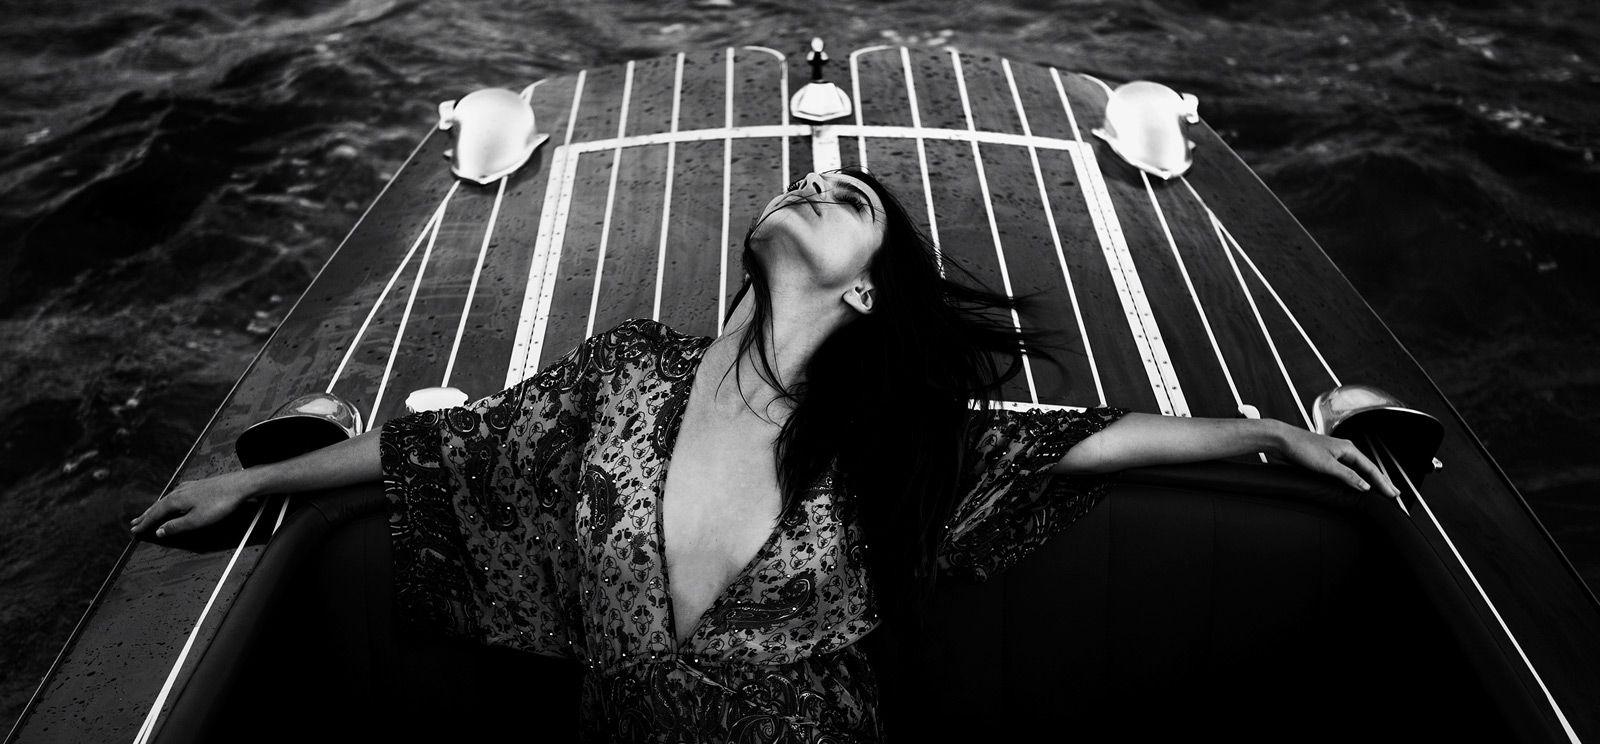 Эмили Ратажковски в пляжной фотосессии (19 фото)